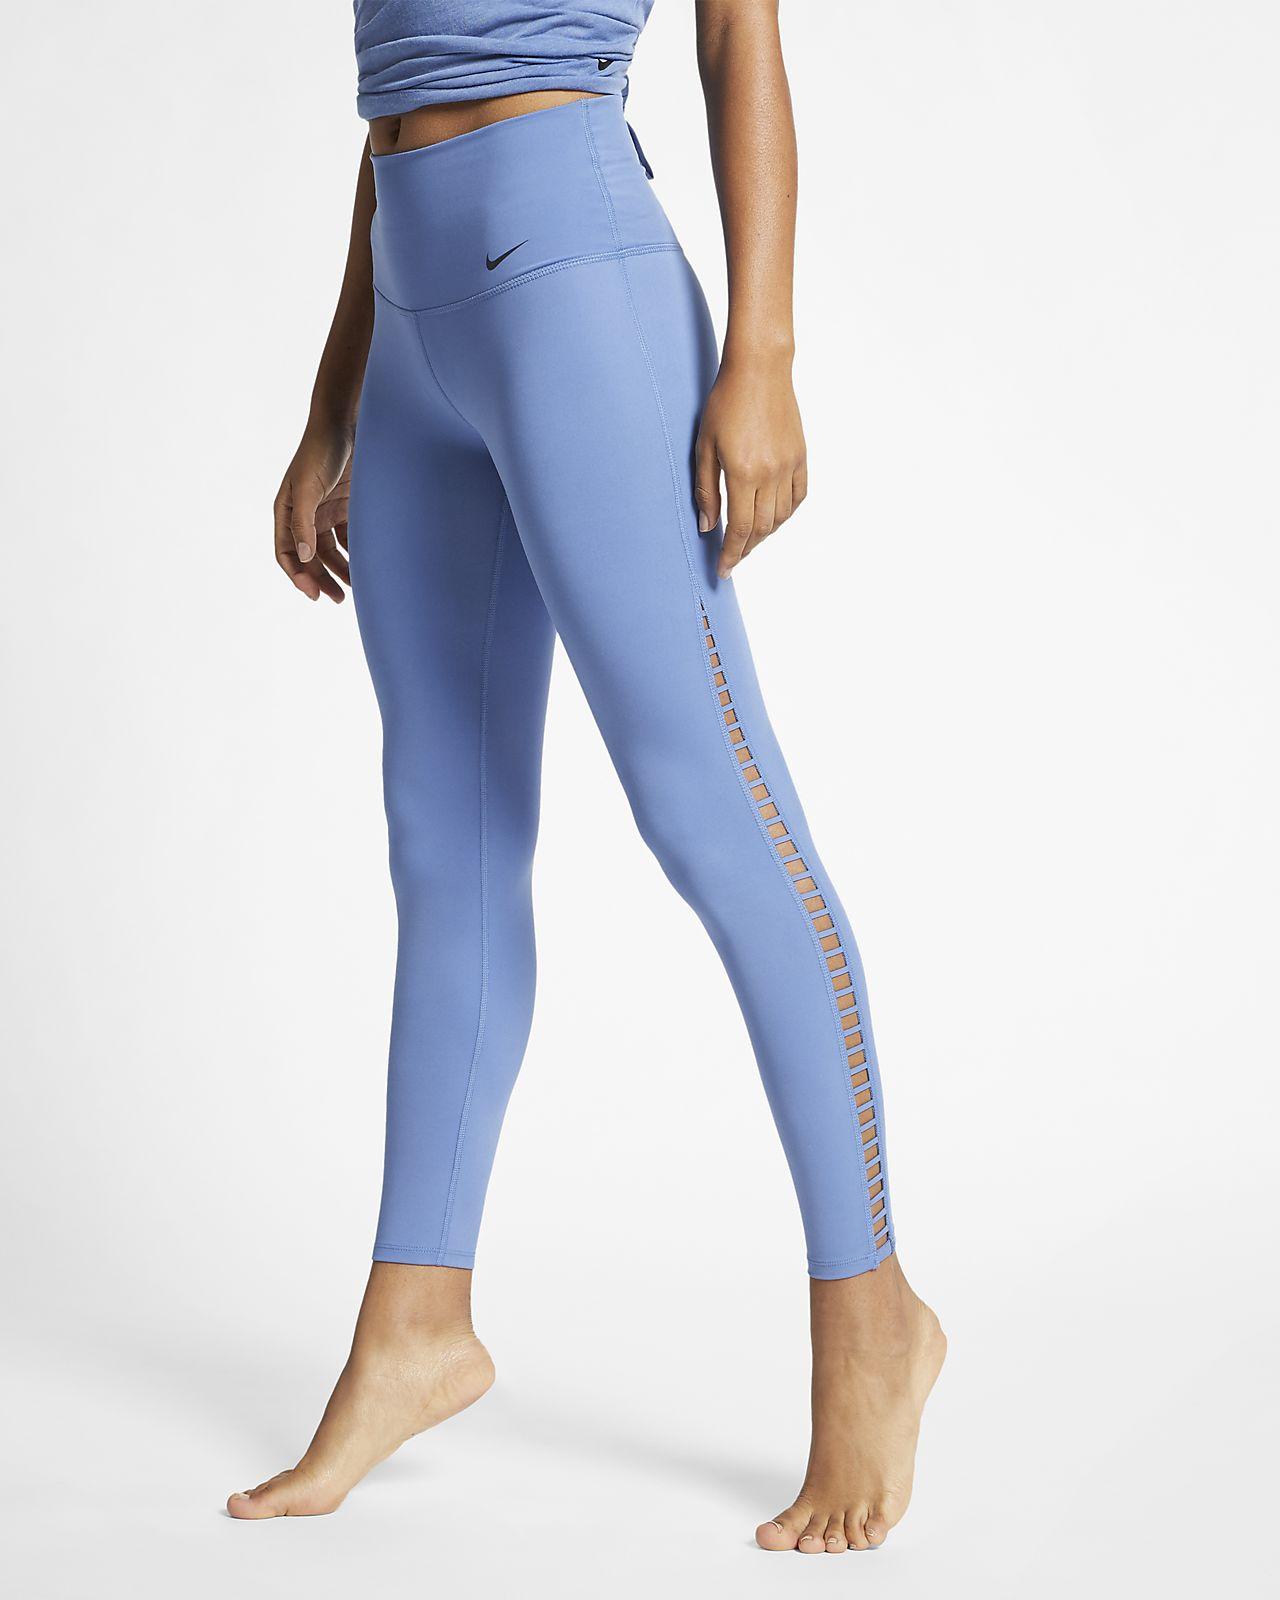 Nike Dri-FIT Power 7/8-Yoga-Trainings-Tights für Damen